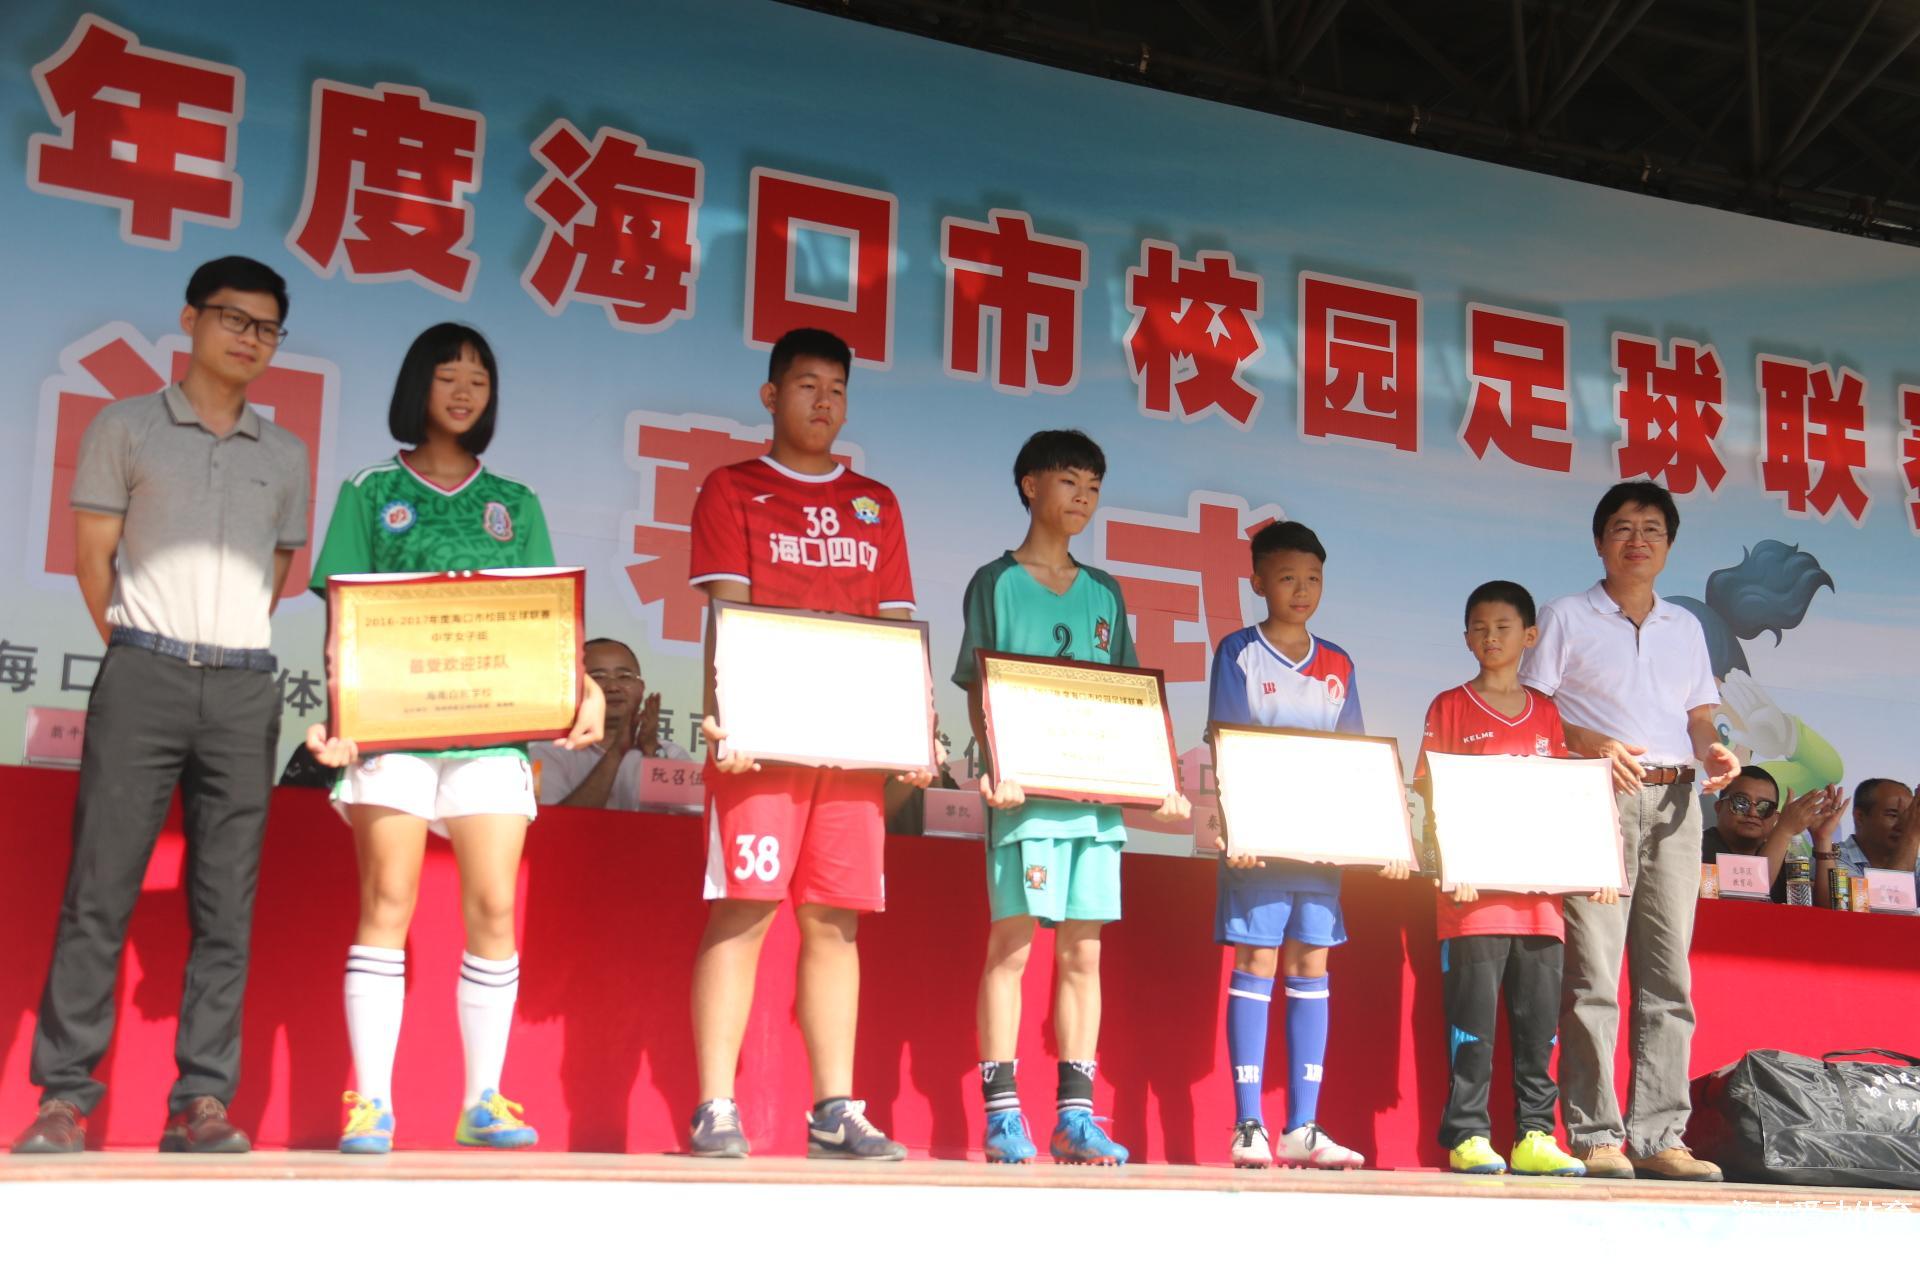 2016-17年度海口市校园足球联赛落幕 灵山中学成最大赢家